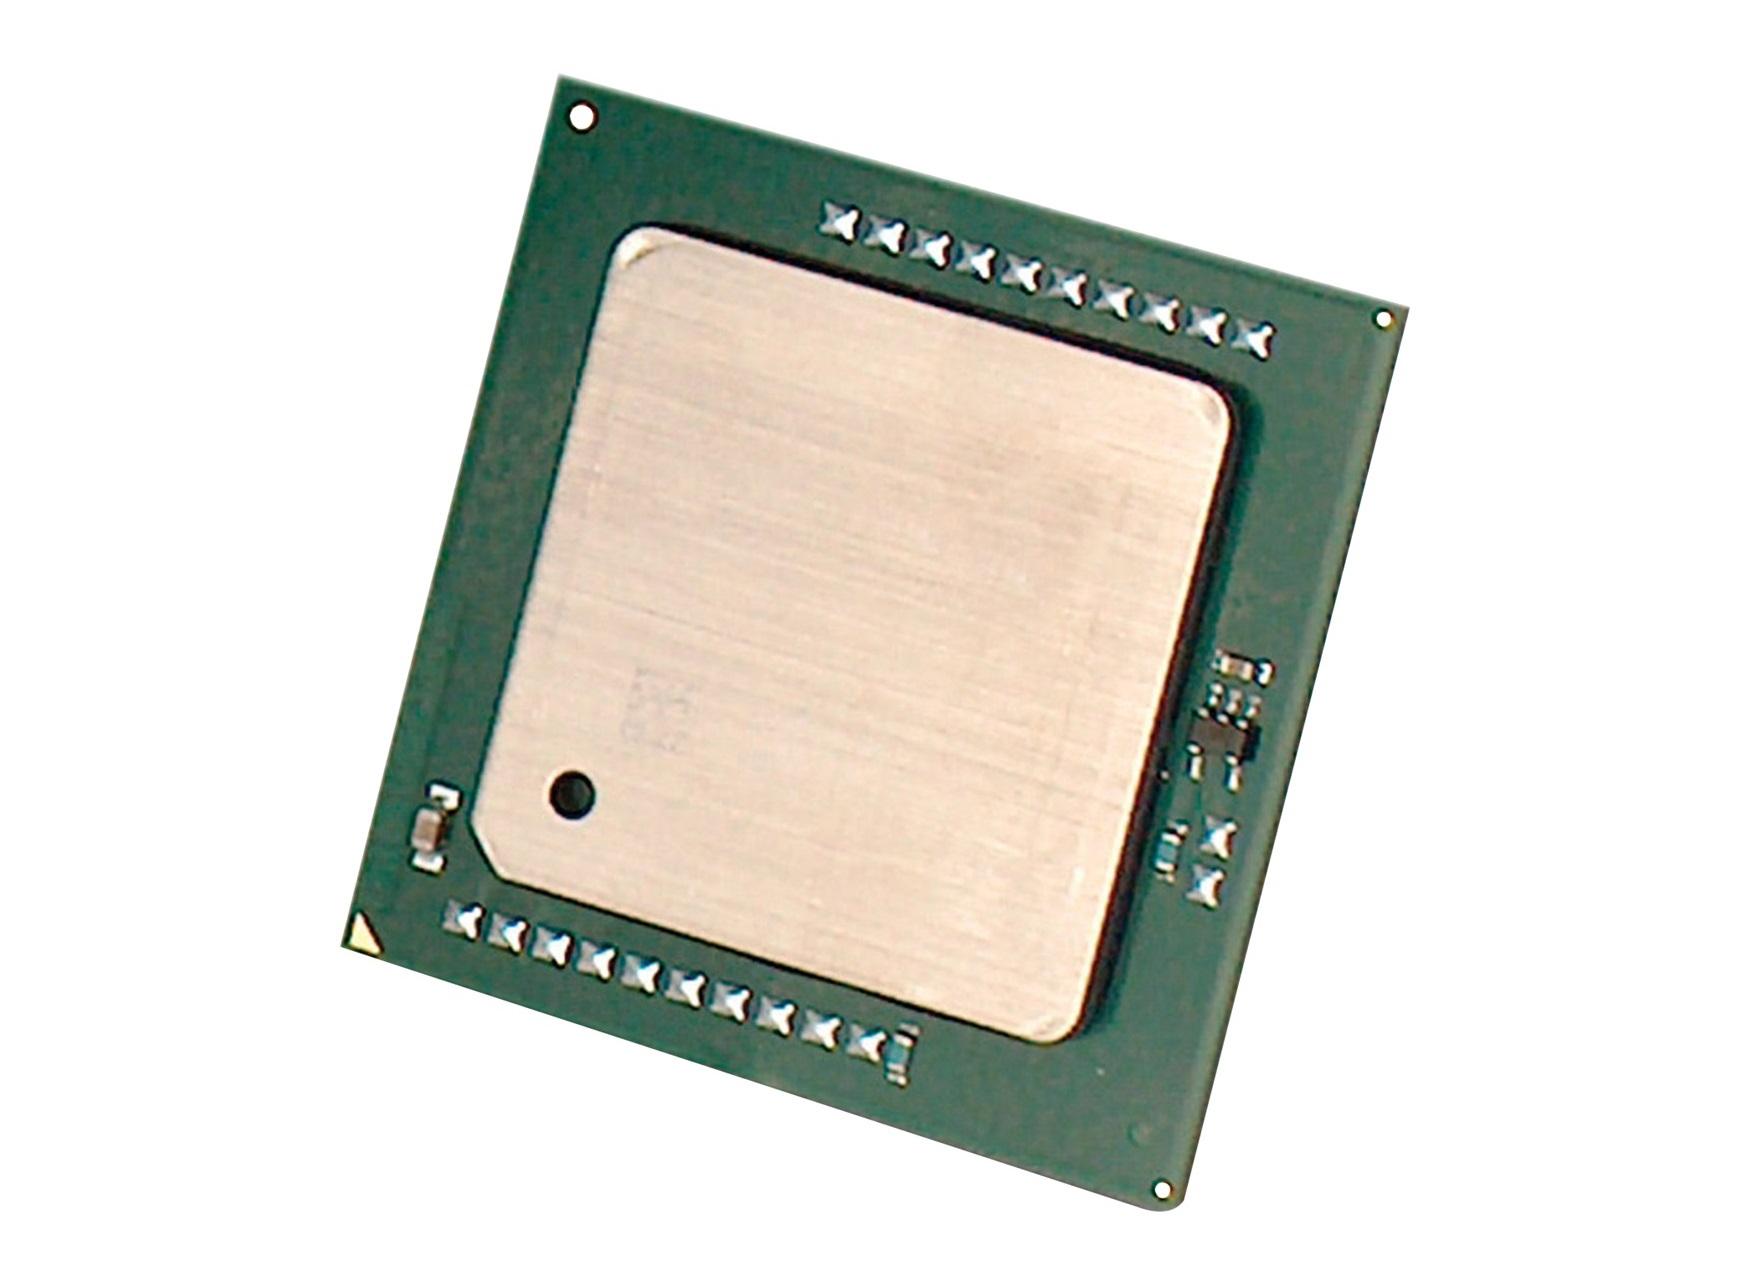 Fujitsu Xeon E5-2643 v4 6C 3.40 GHz 3.4GHz 20MB Smart Cache Prozessor